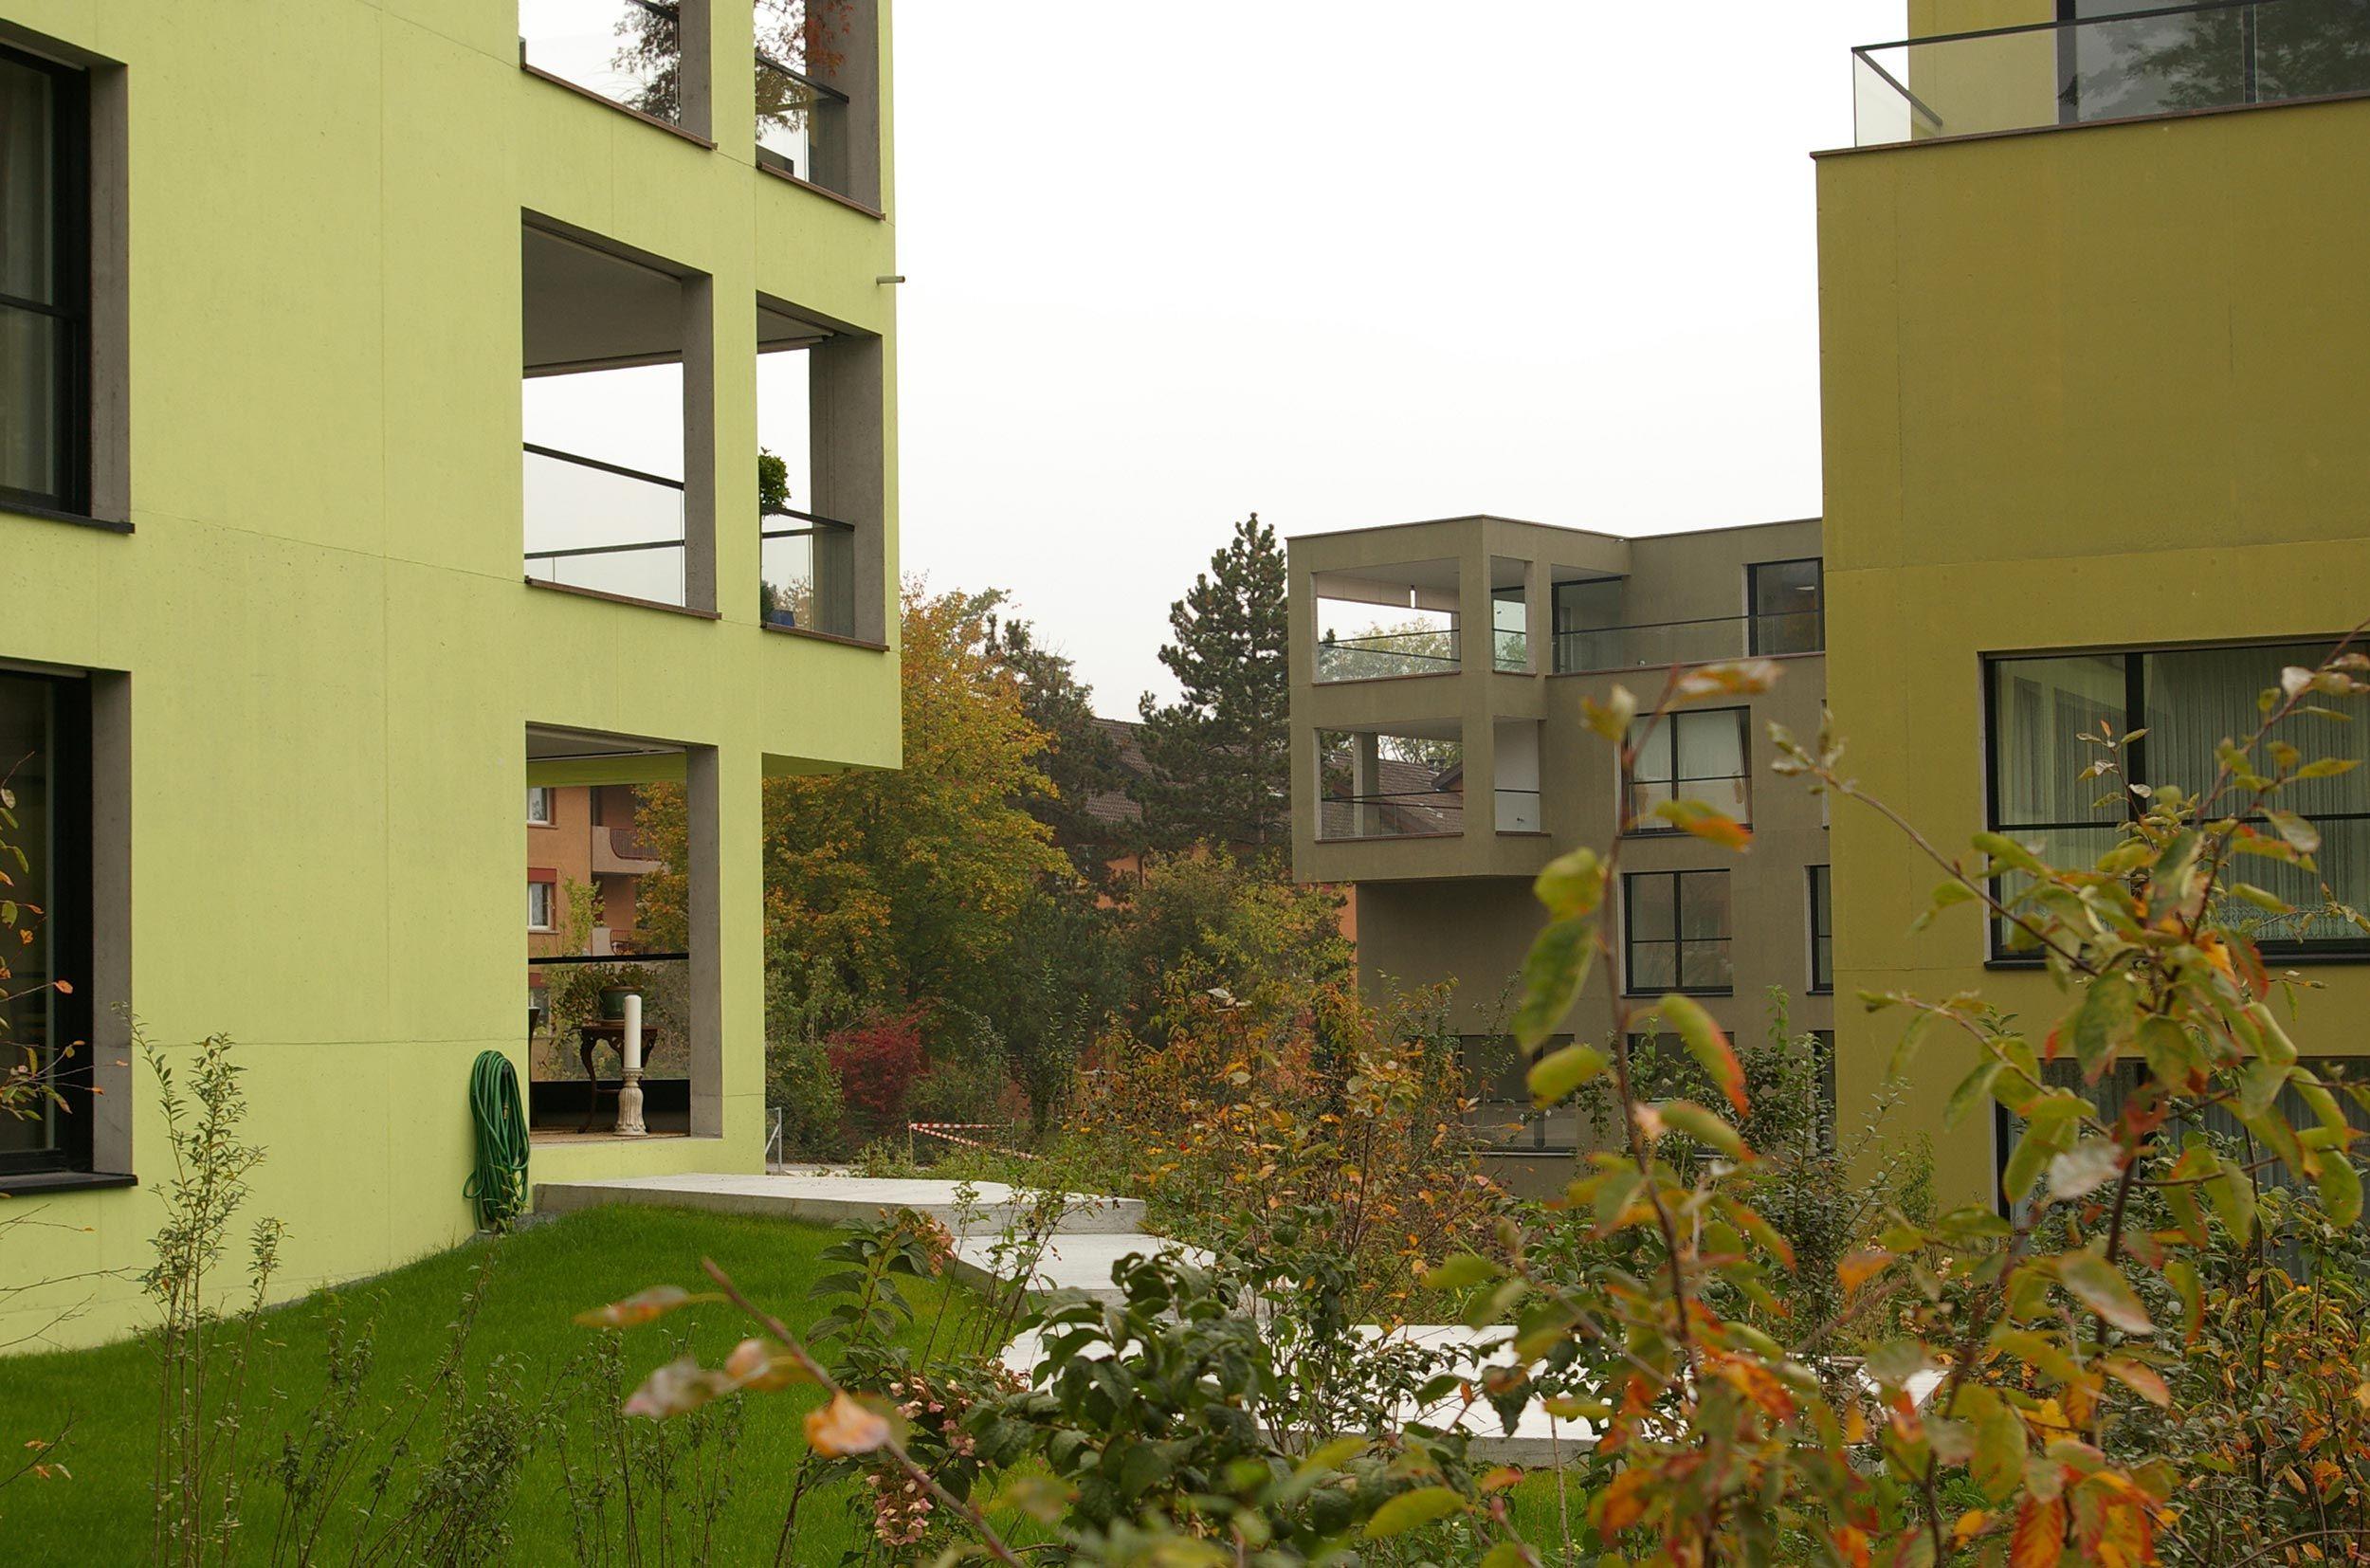 Housing Complex Park Grünenberg